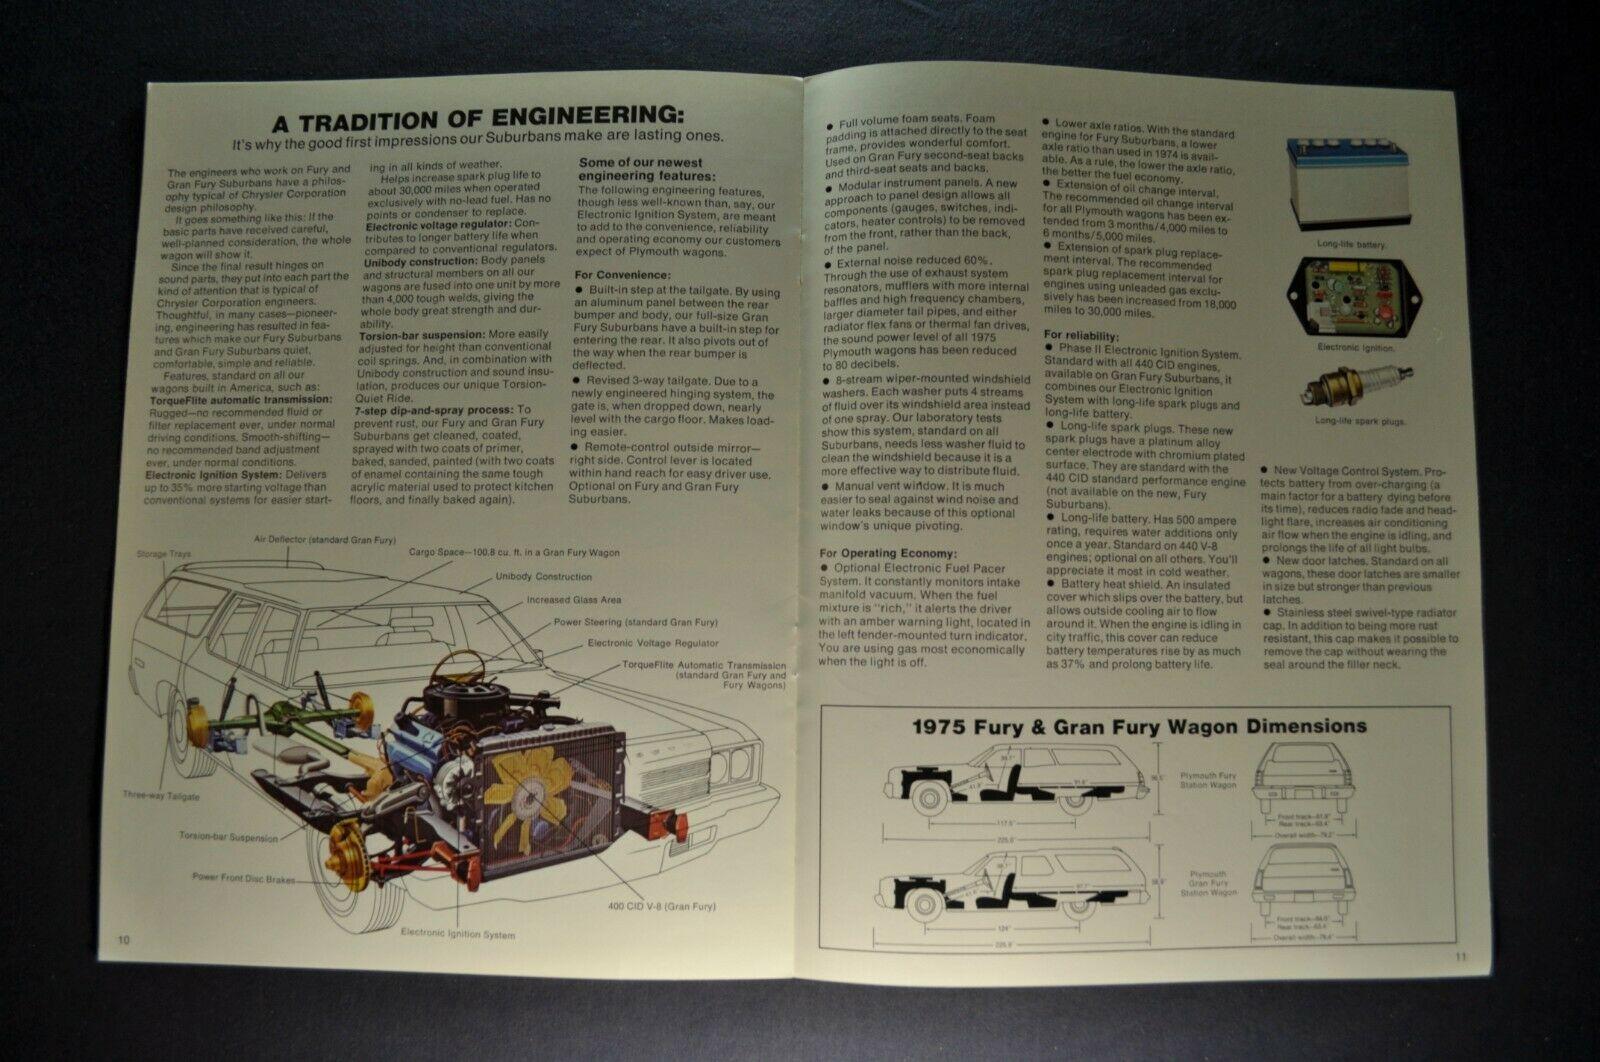 https://i.ibb.co/M1r9tbT/brochure209.jpg